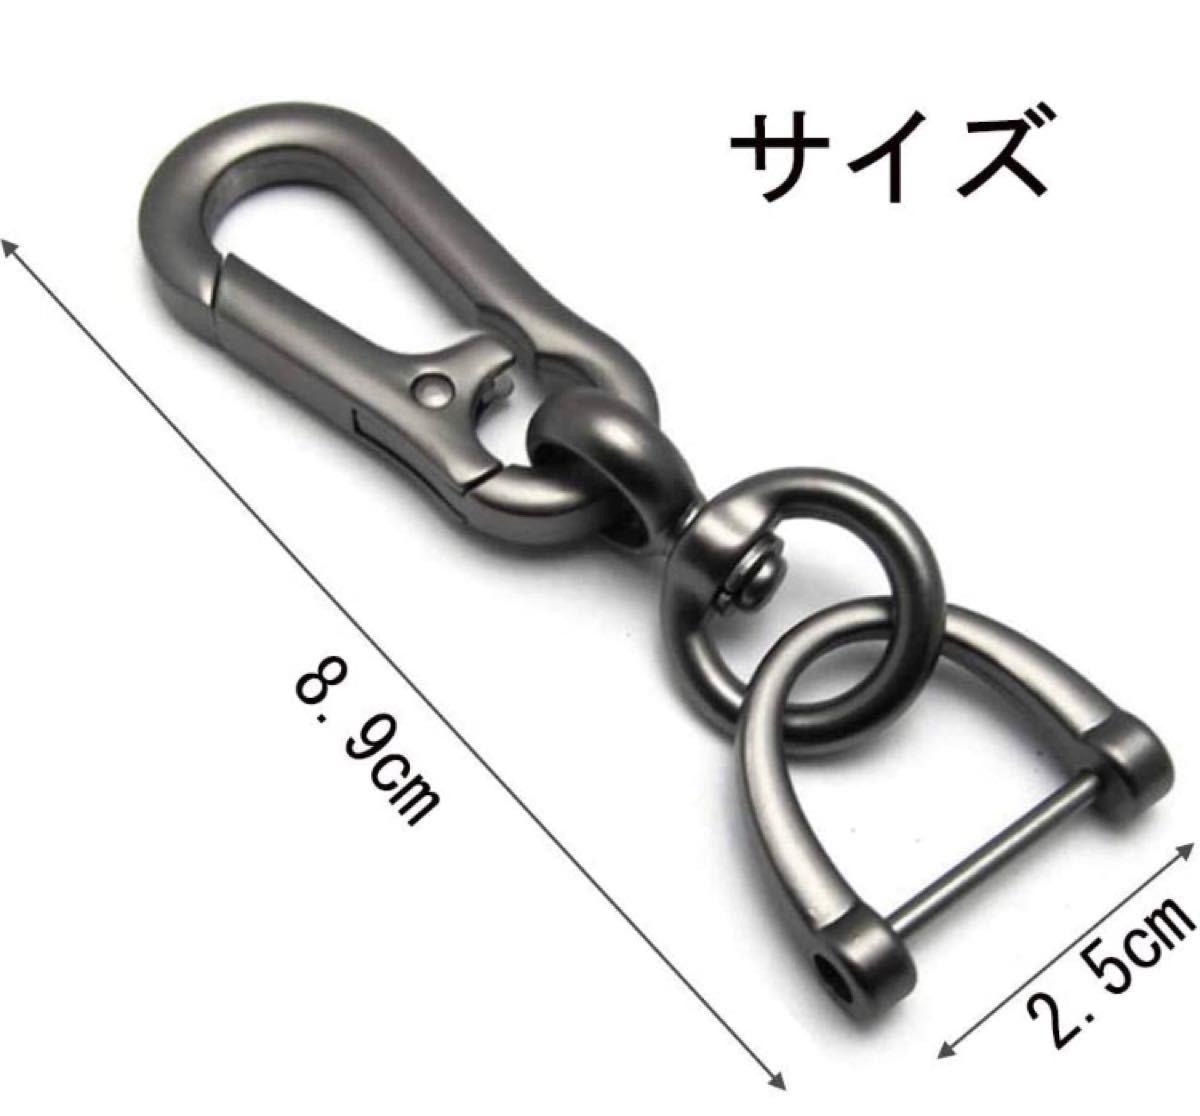 【新品】キーホルダー カラビナ フック Dリングキーチェーン 高級キーリング